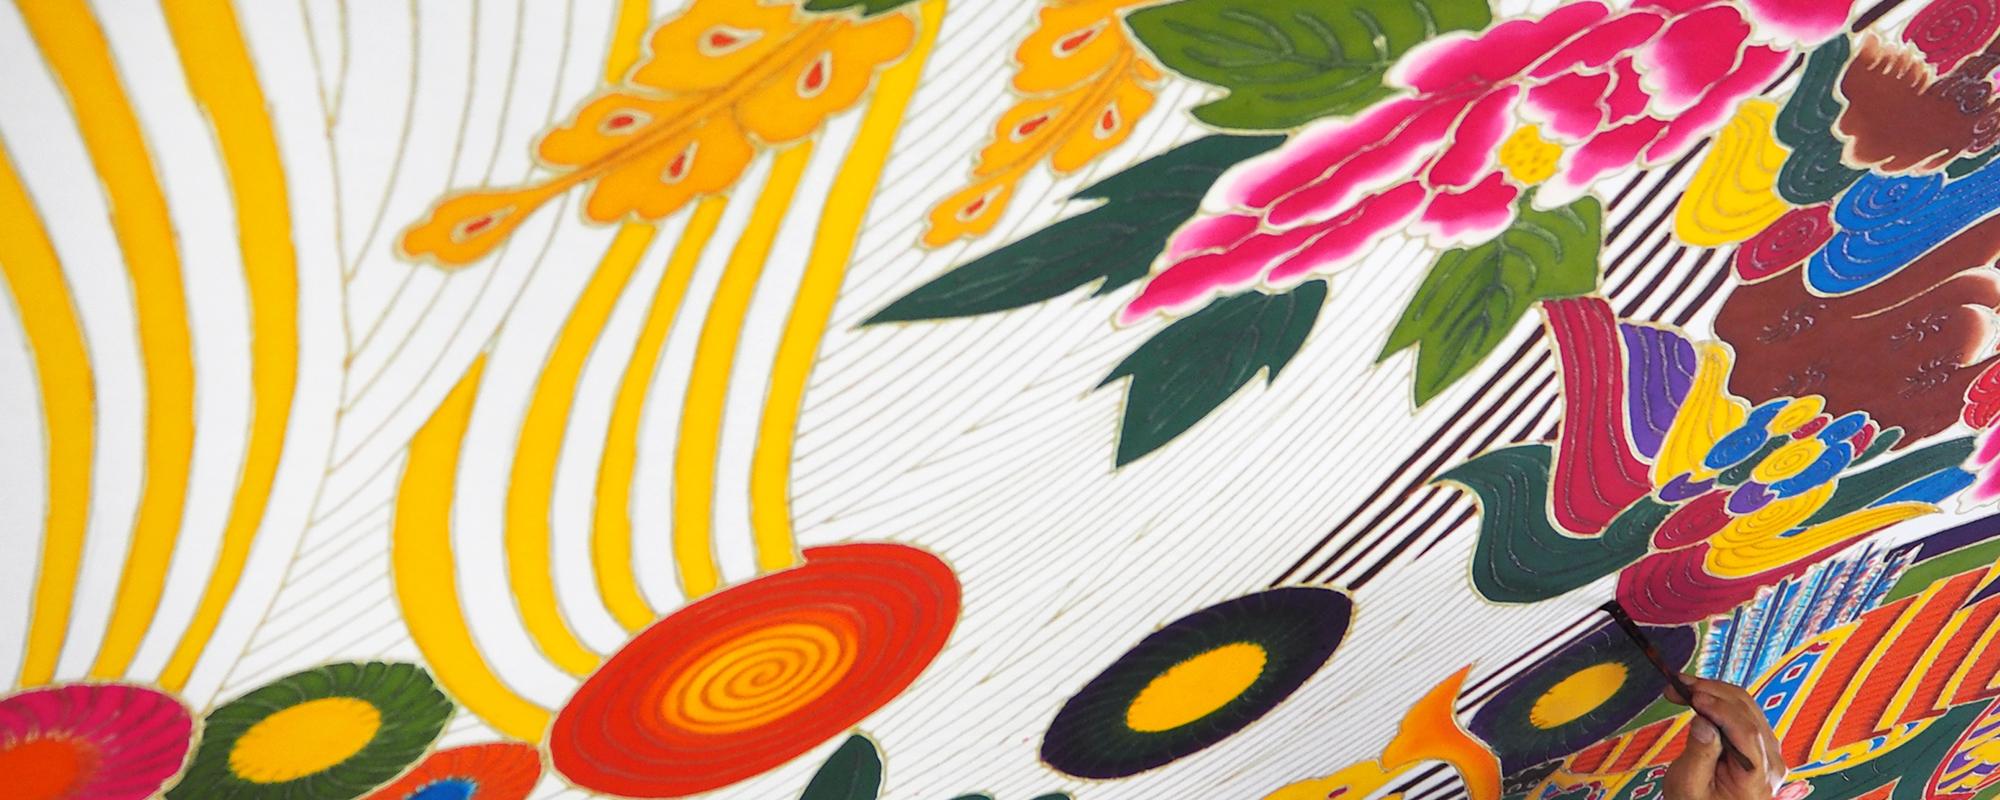 讃岐のり染 讃岐の伝統工芸品もち米を糊として使った染物